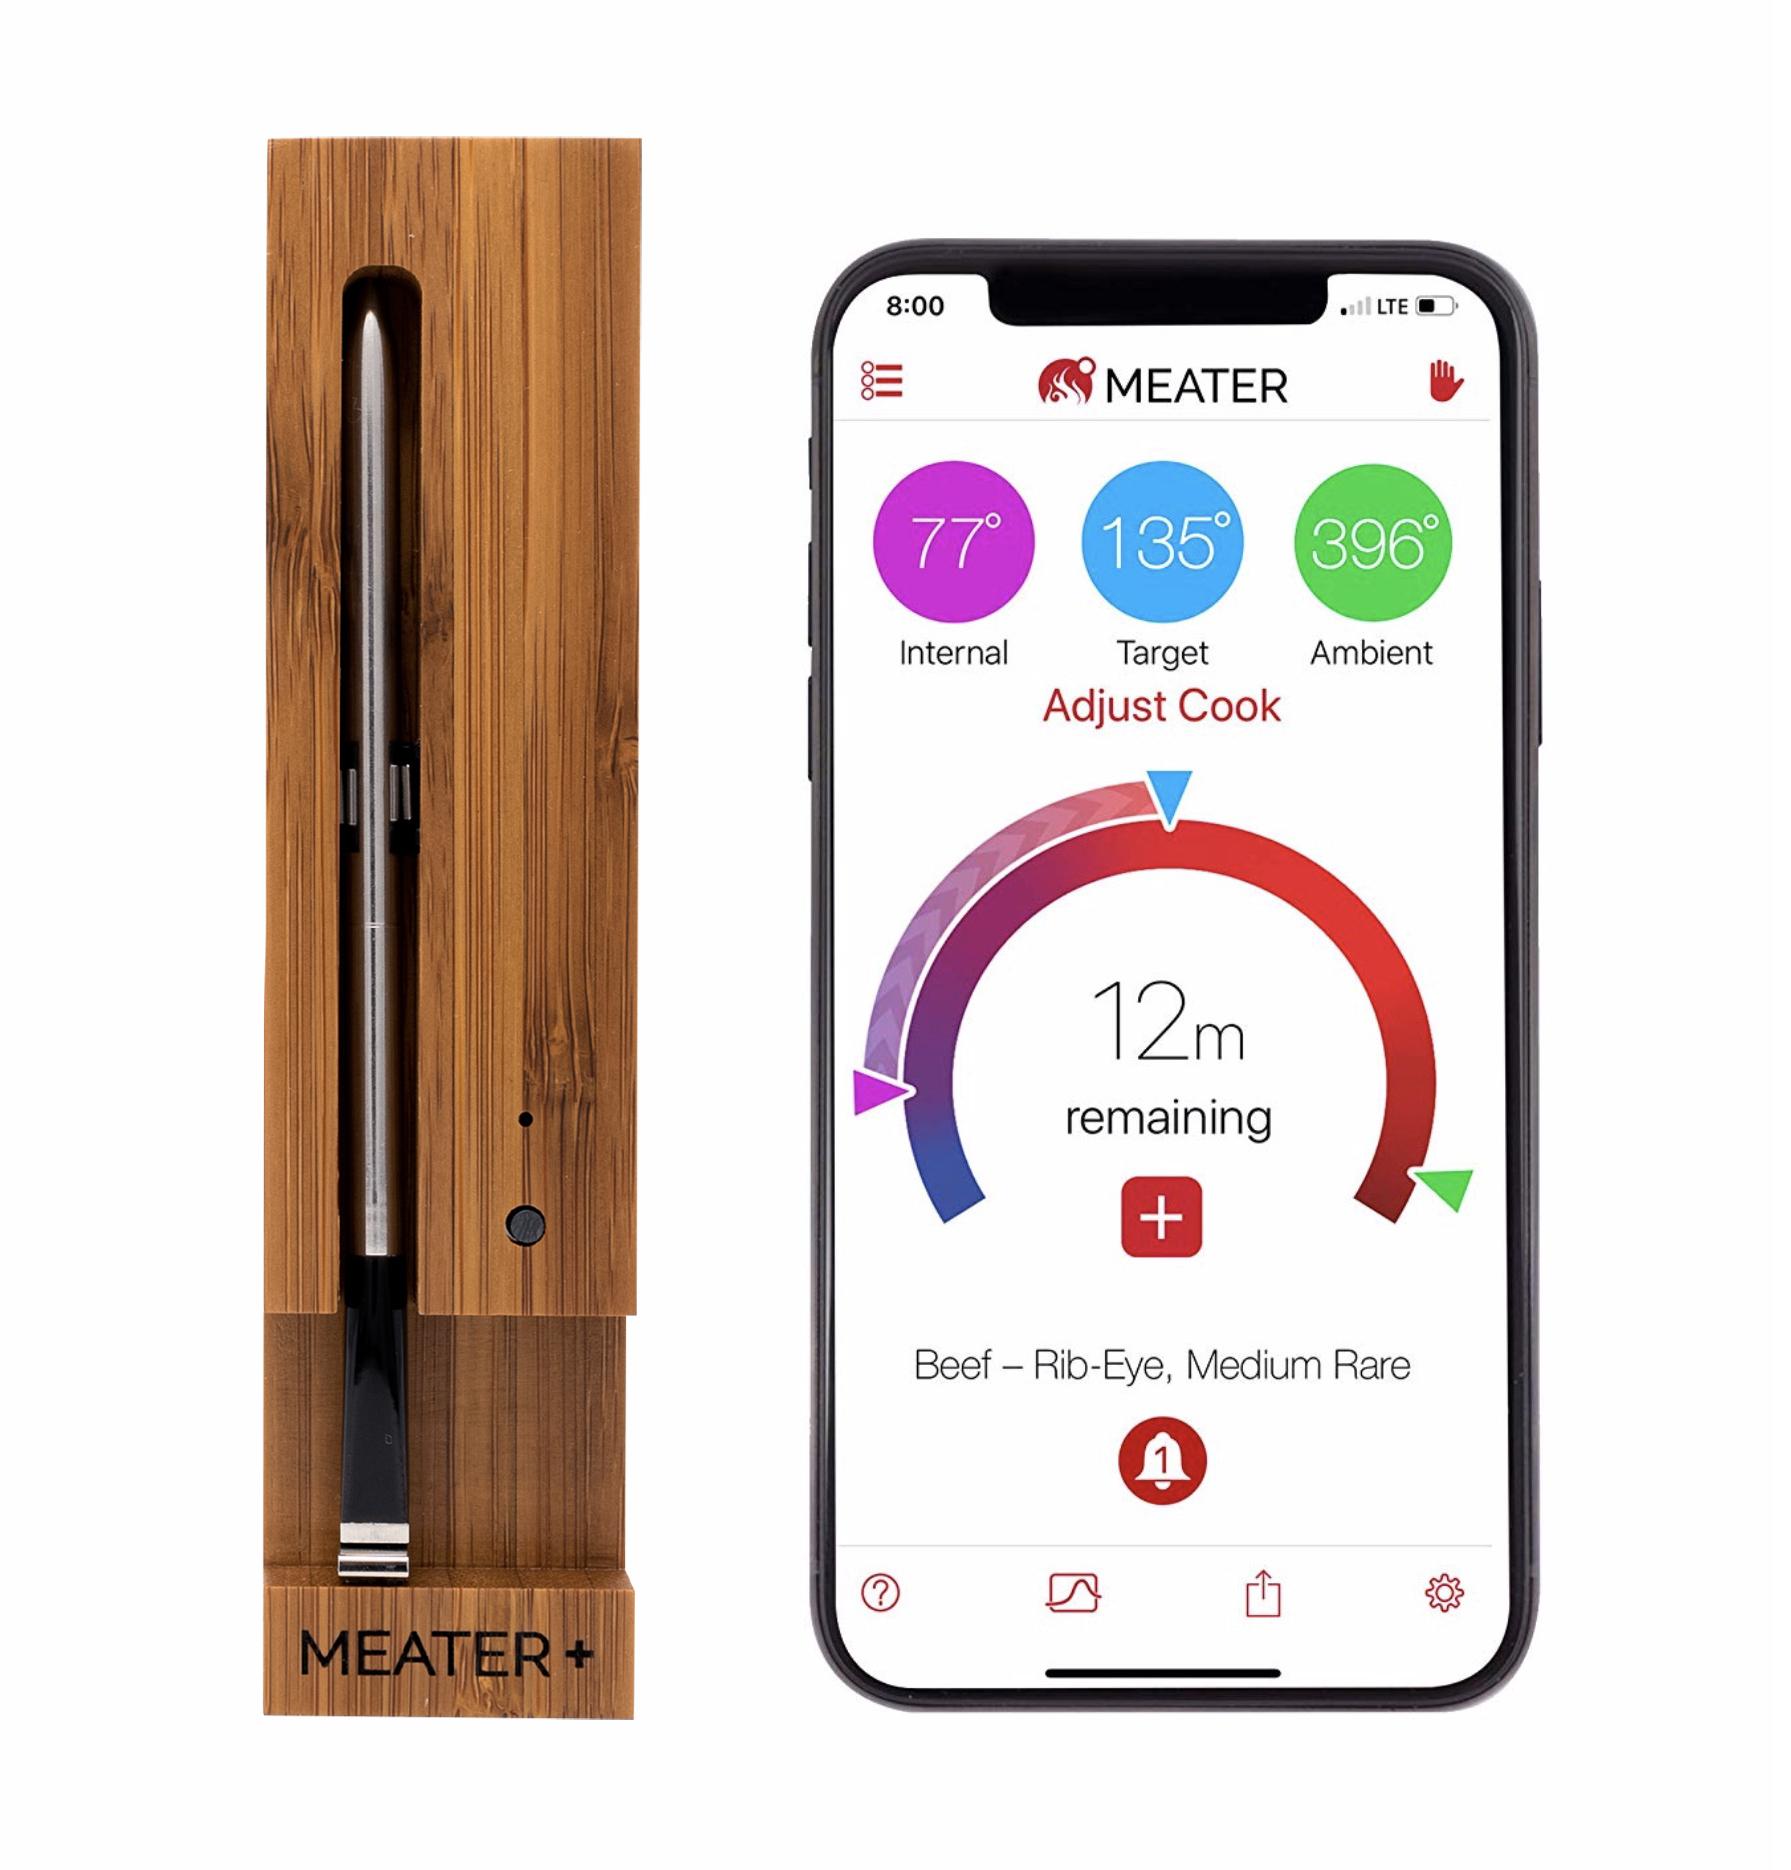 ApptionLabs Meater+ - Kabelloses und smartes Fleisch-Thermometer 50 Meter lange Reichweite - 1x Thermometer